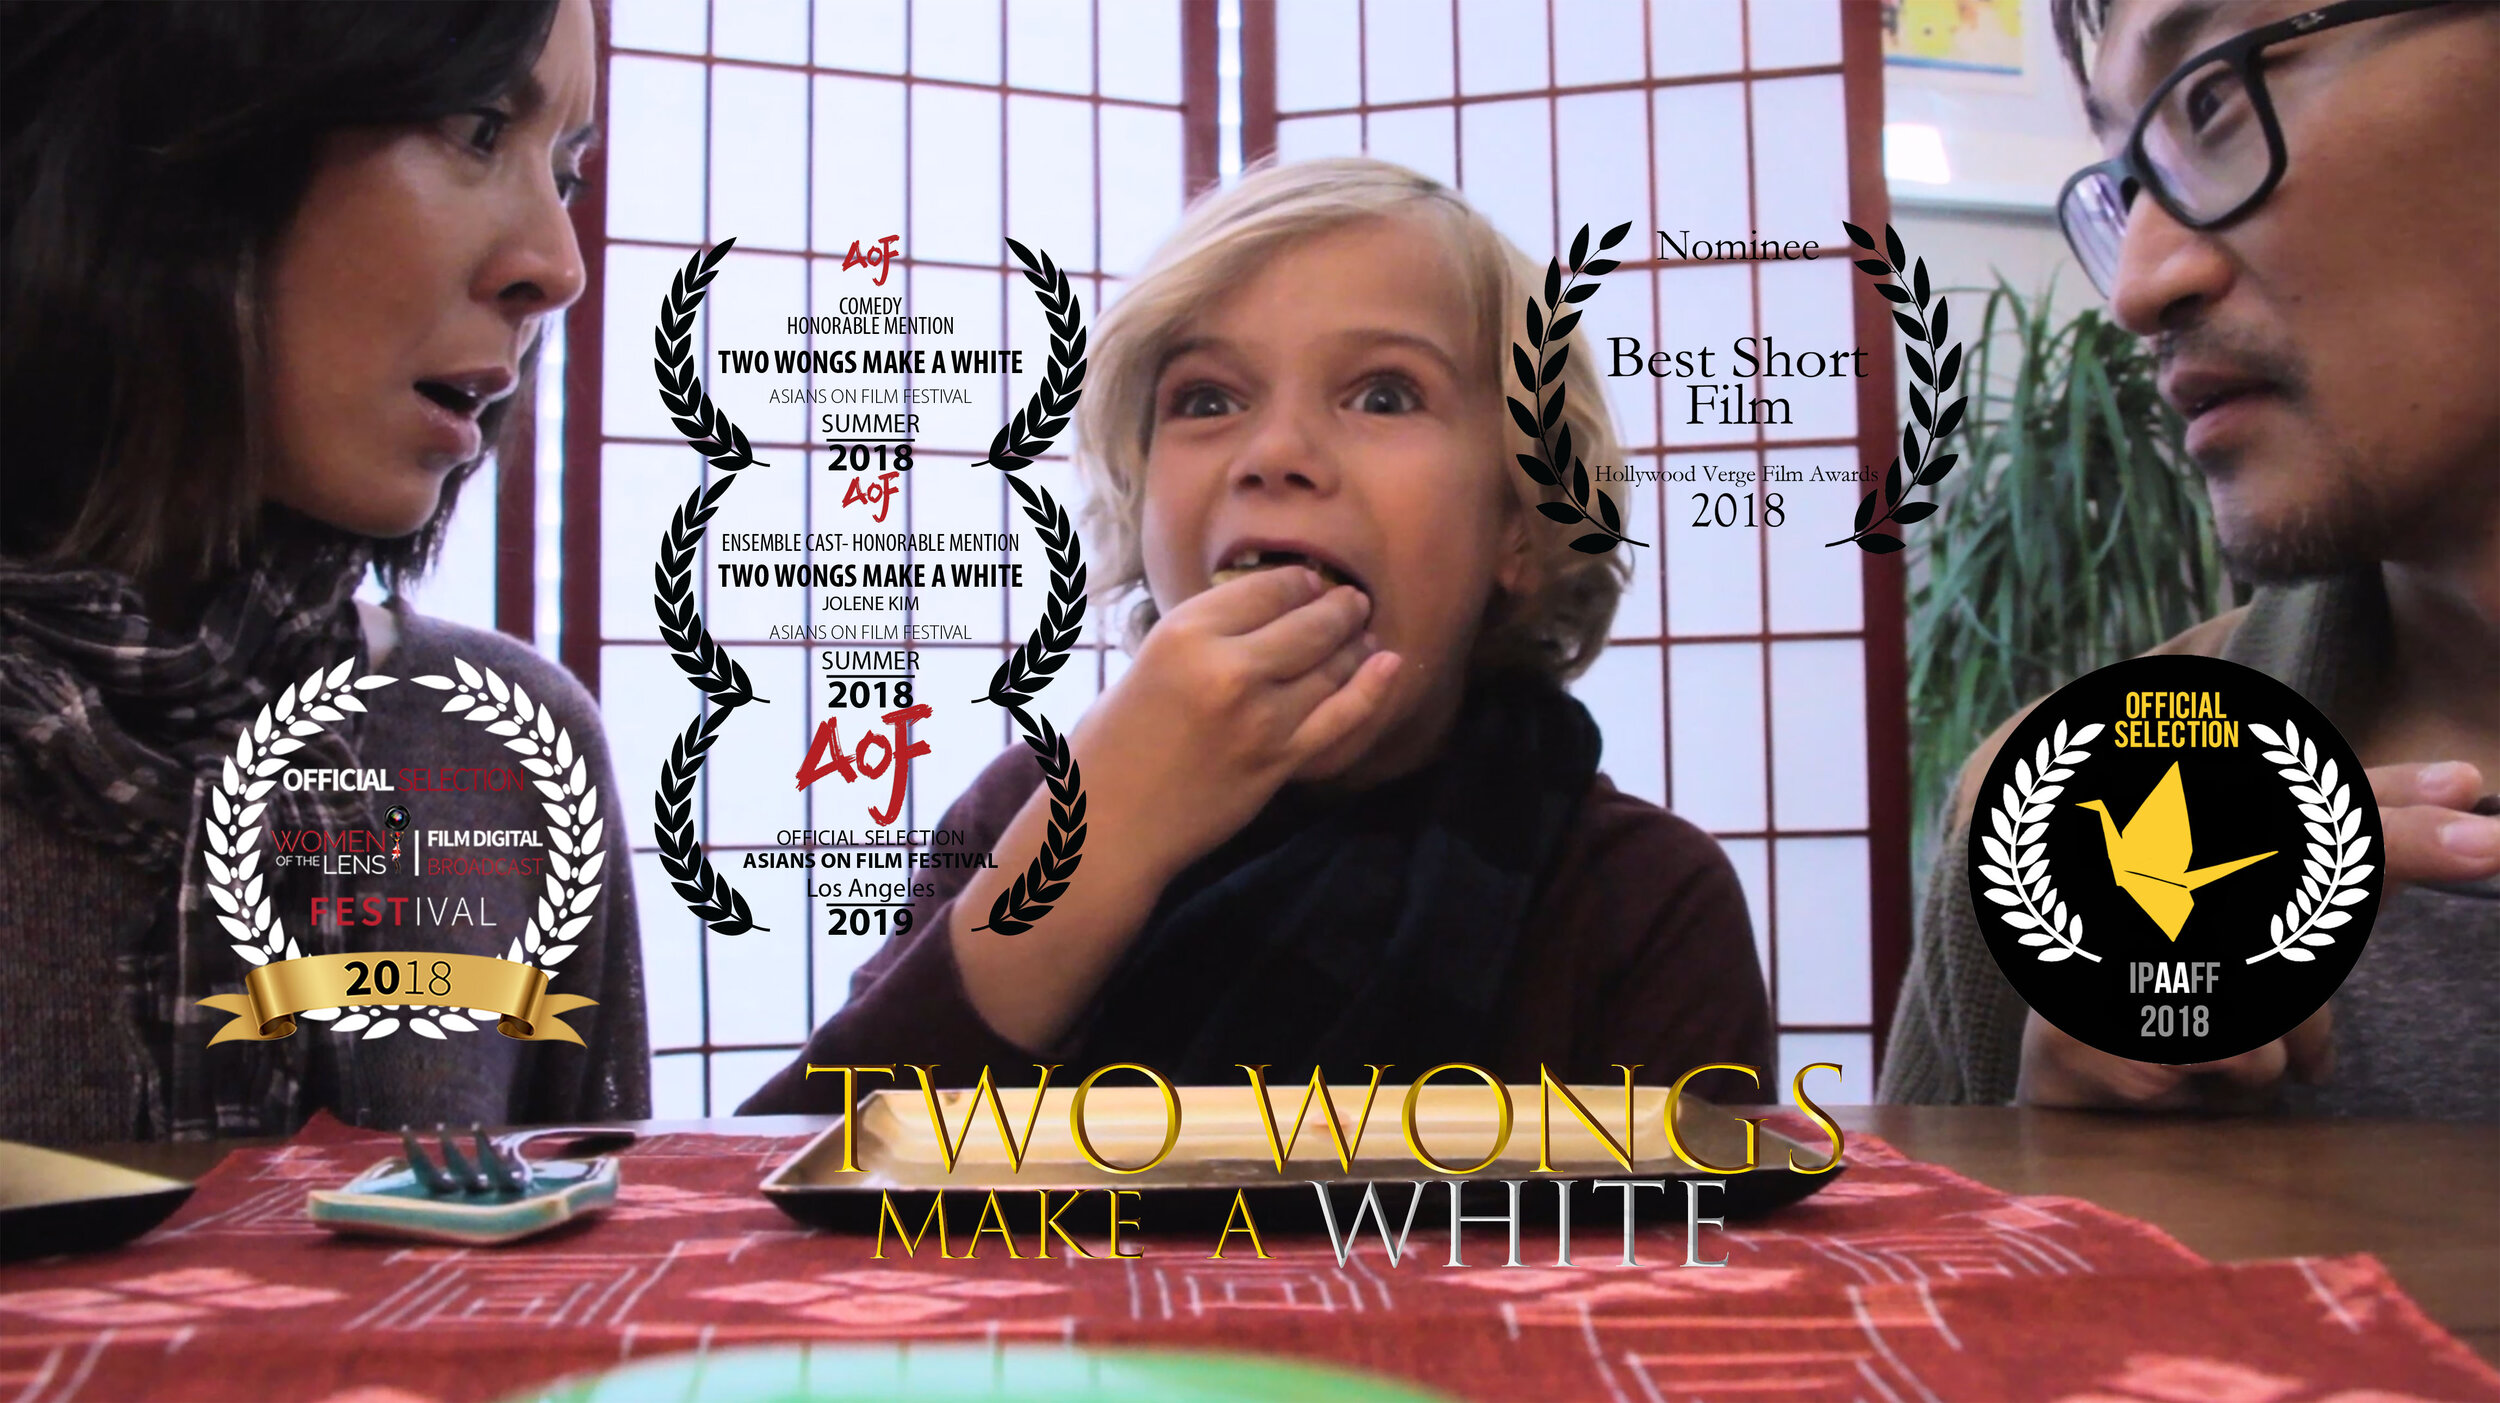 TWO WONGS MAKE A WHITE